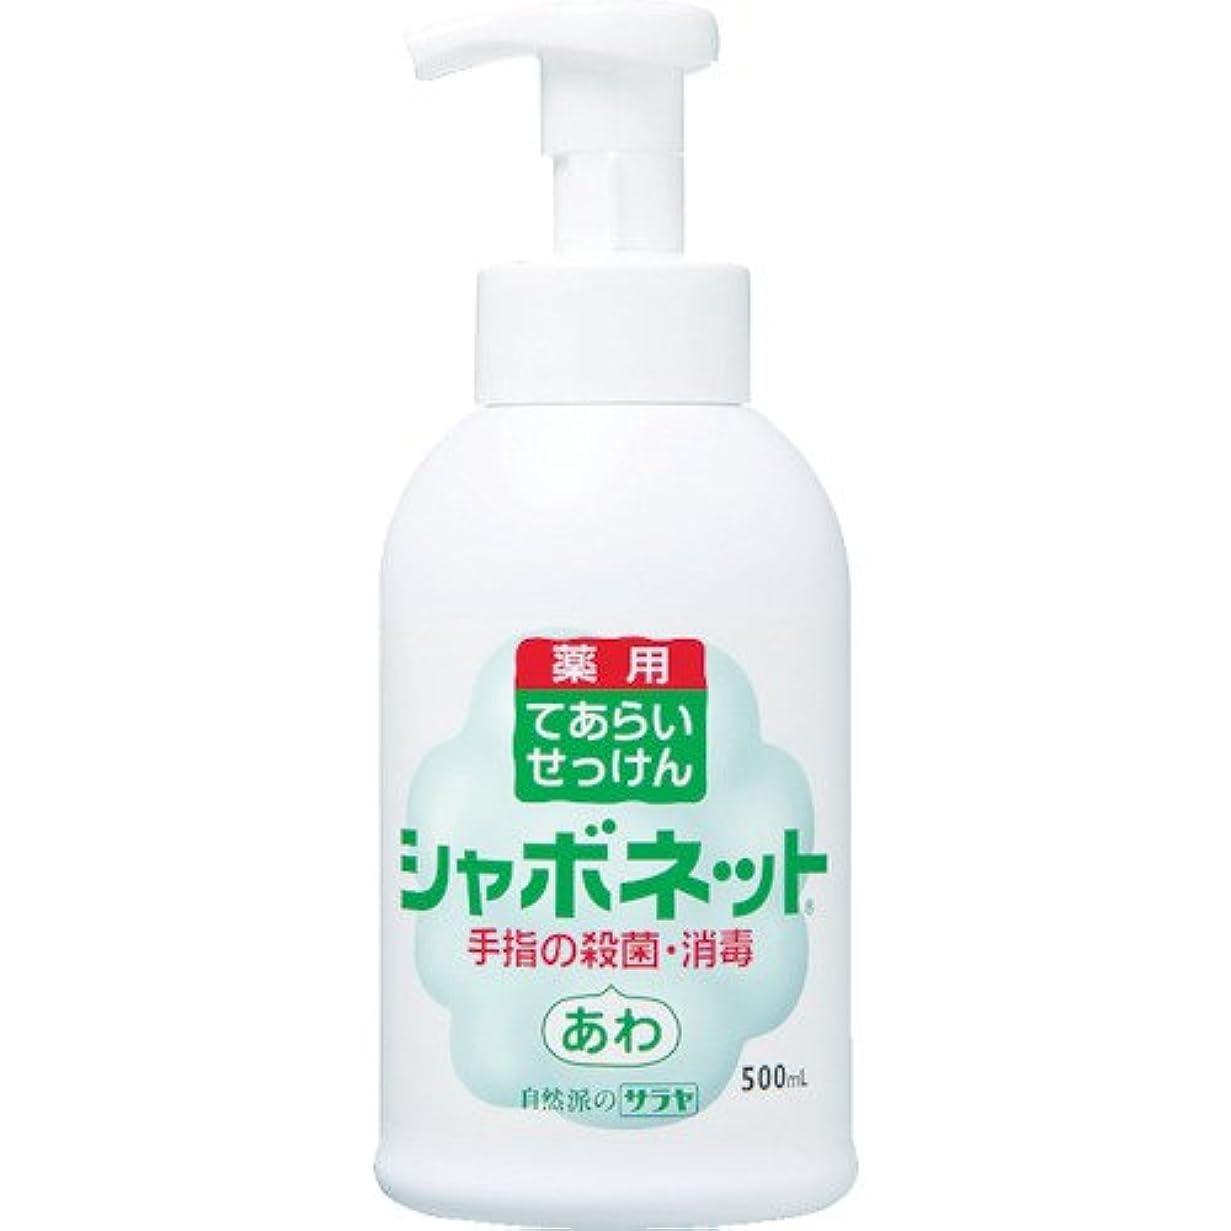 部族窓を洗う液体シャボネットP5本体 500